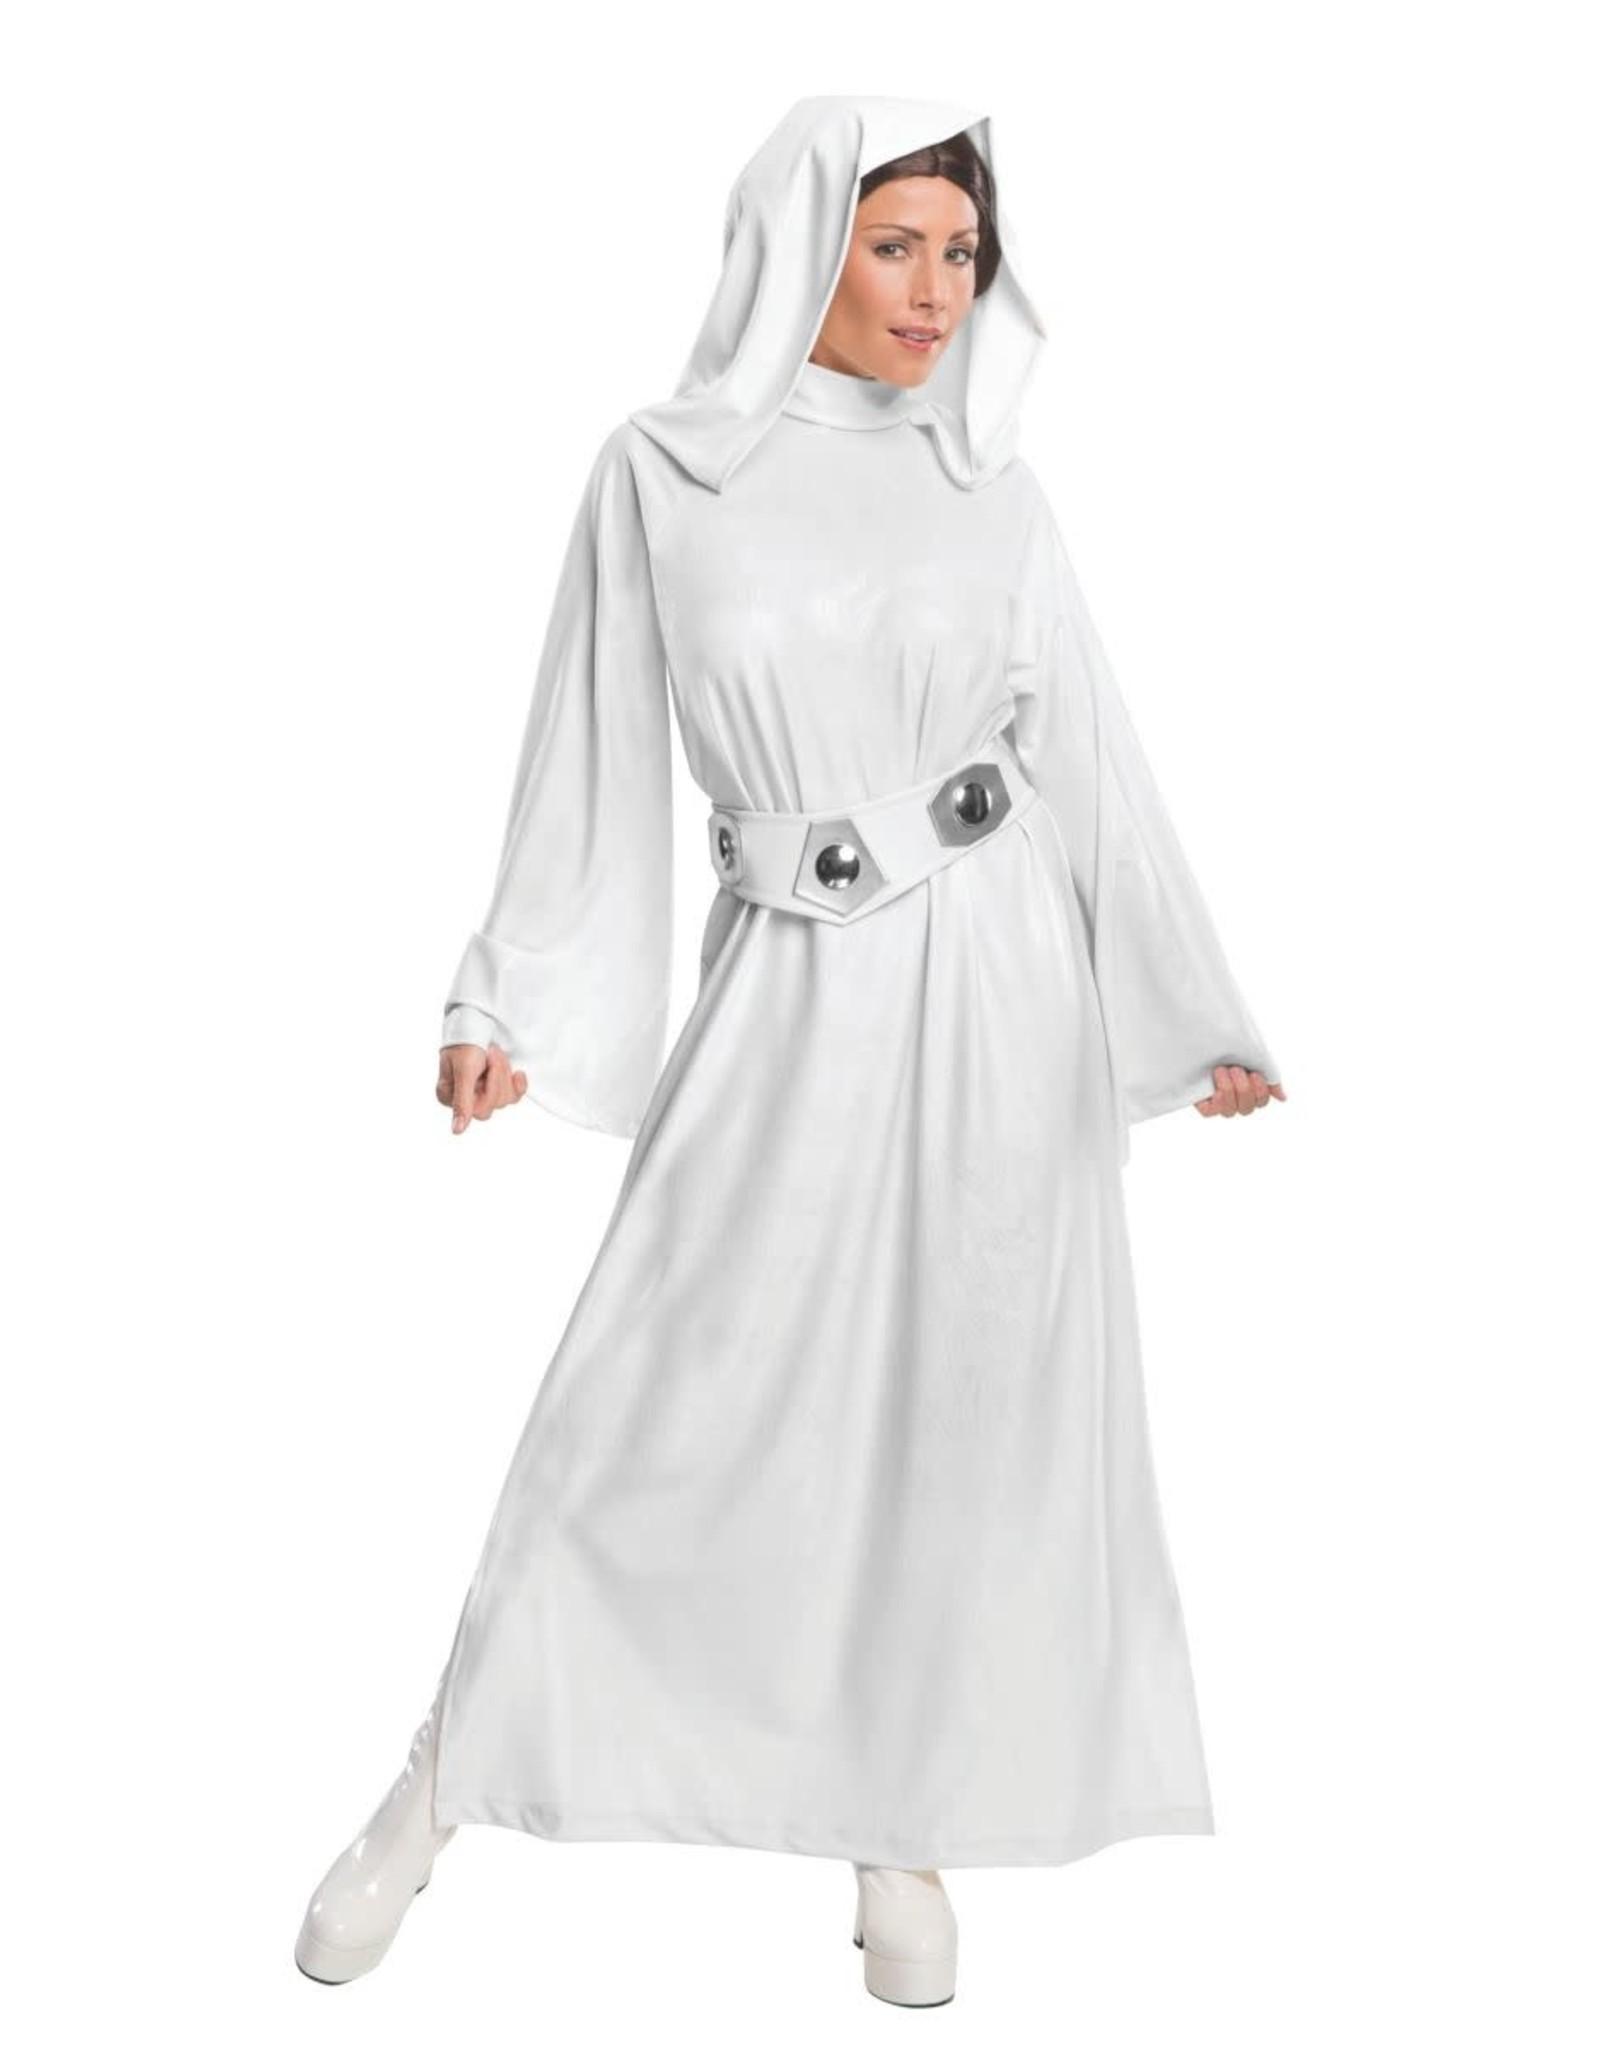 Rubies Costume Hooded Princess Leia Dress